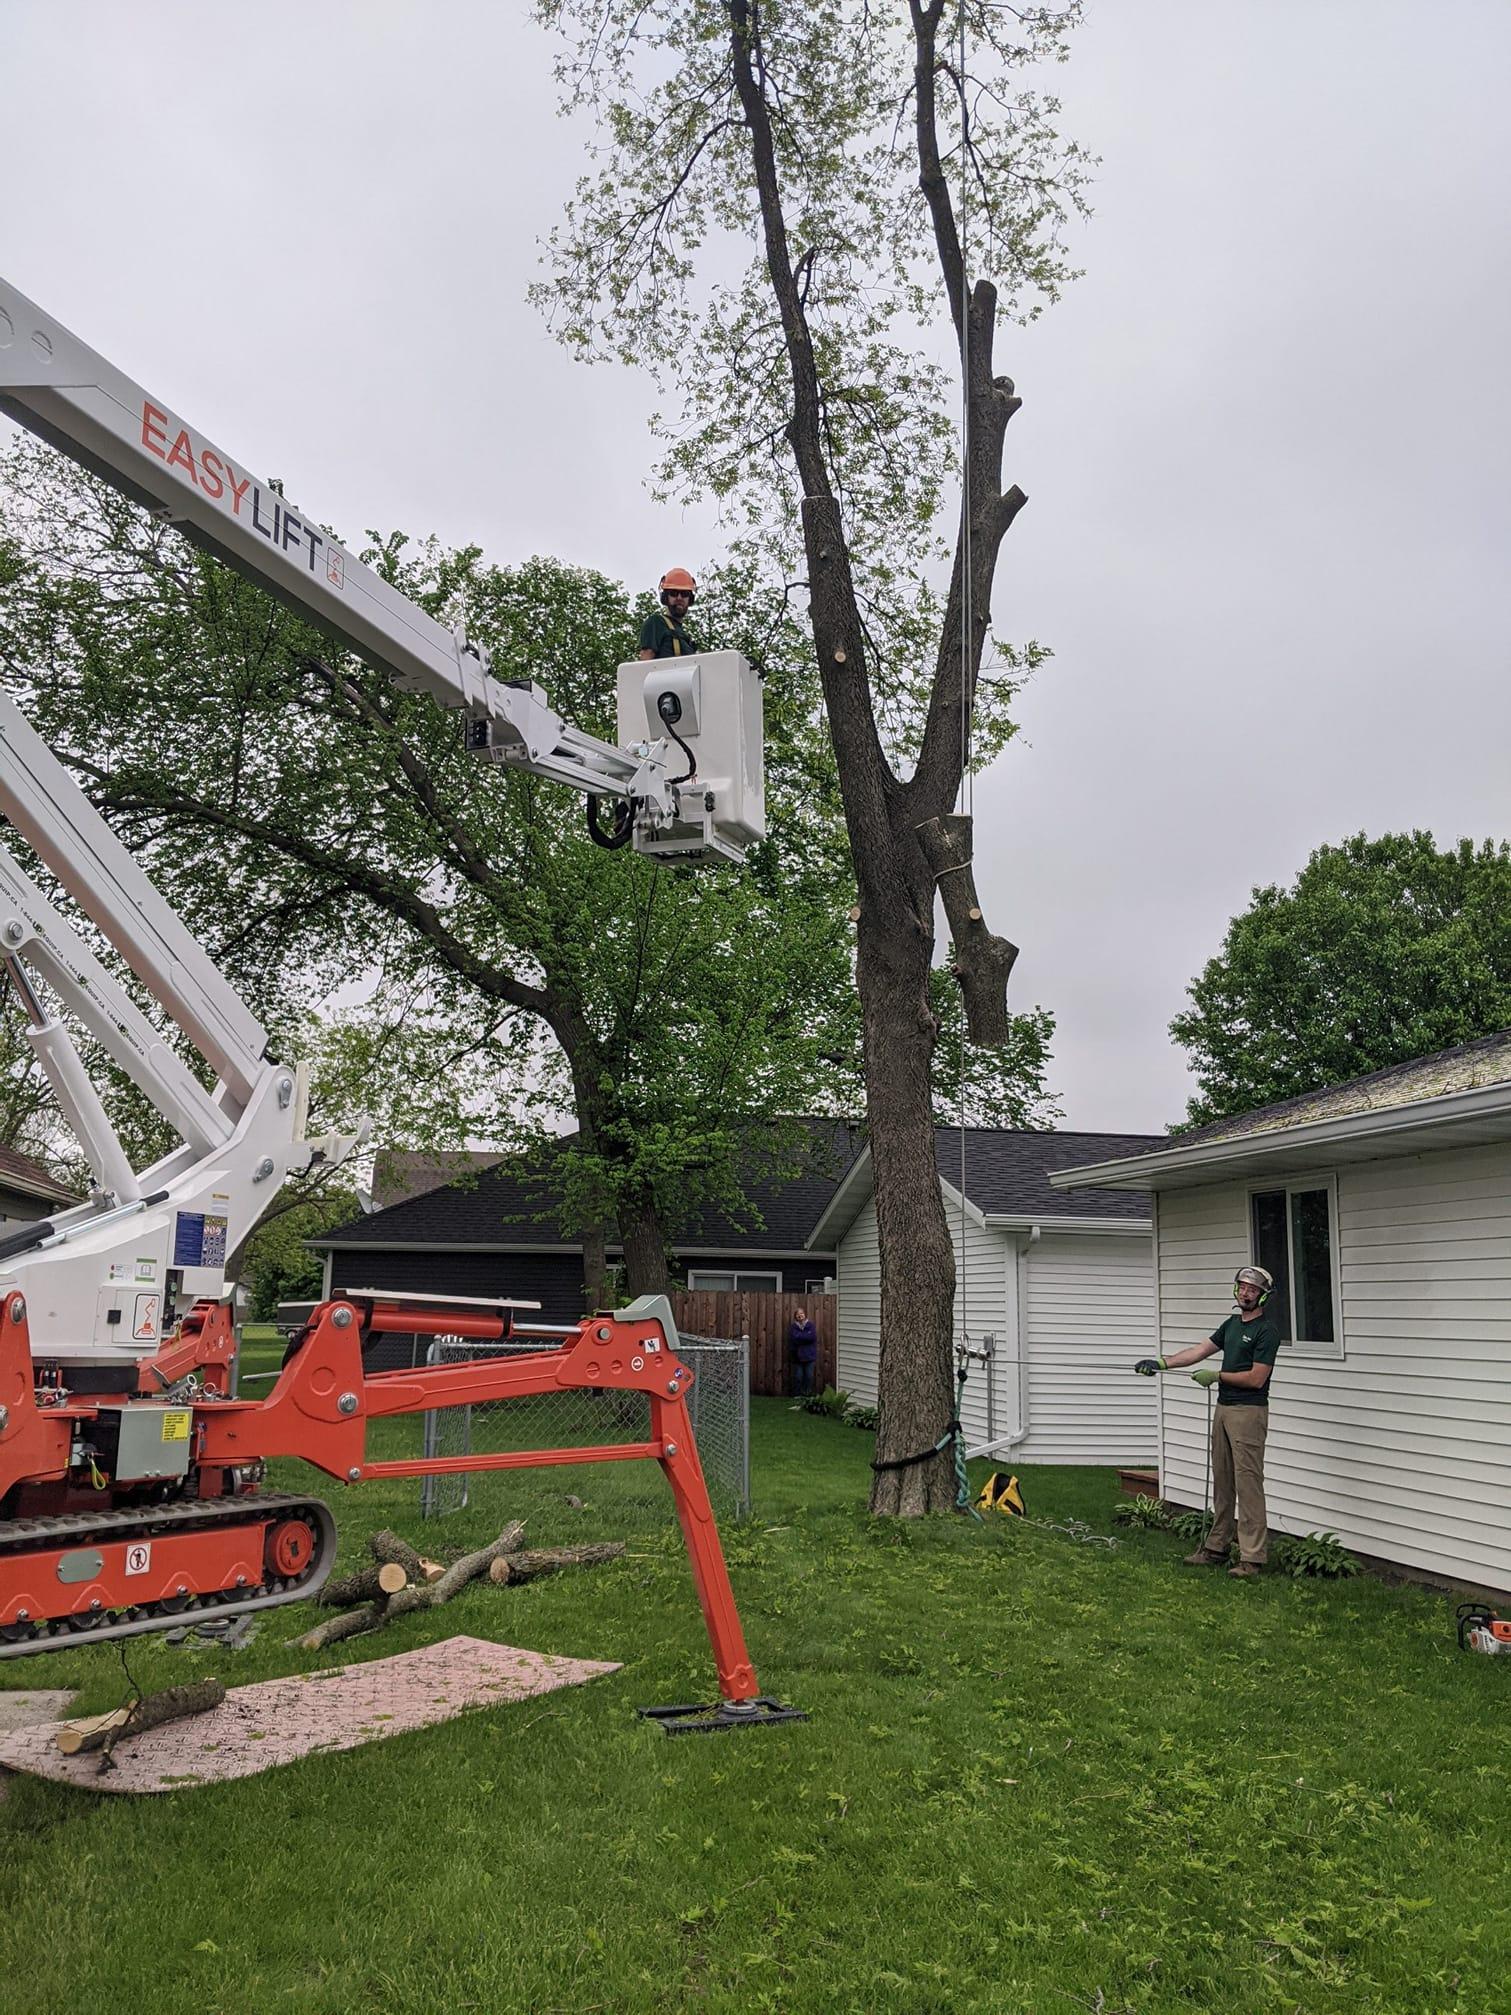 ¡La industria del cuidado de los árboles en los EE. UU. adora las arañas Easy Lift!